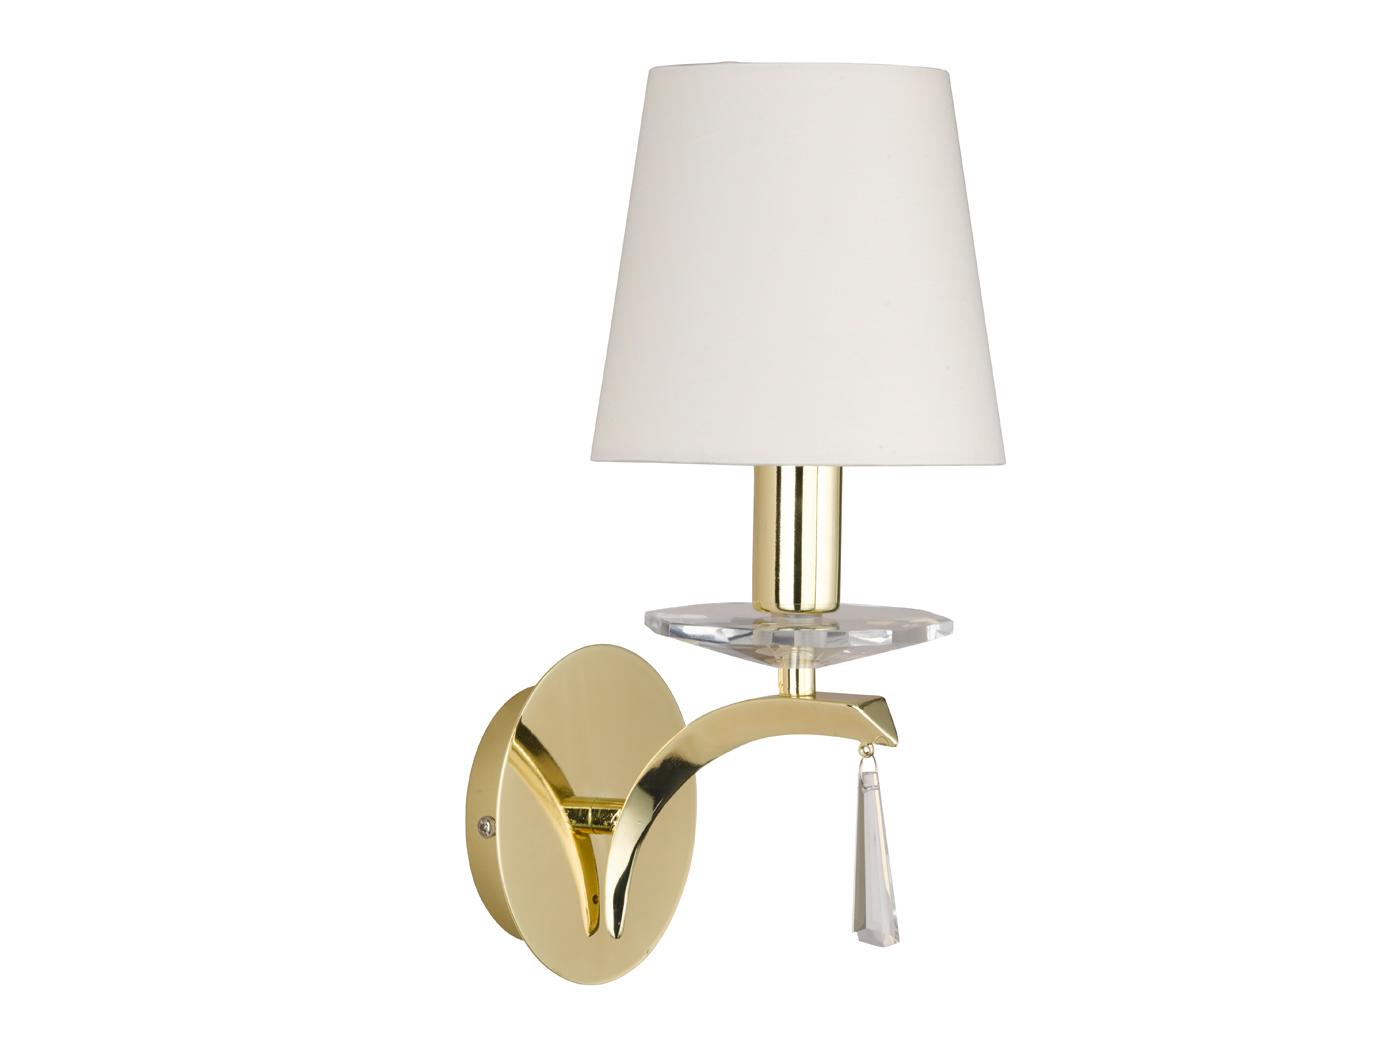 Lampada da parete ottone Acrilico OMBRELLO TESSUTO BIANCO SOGGIORNO SOGGIORNO SOGGIORNO LED Lampada Camera da Letto 3adb05